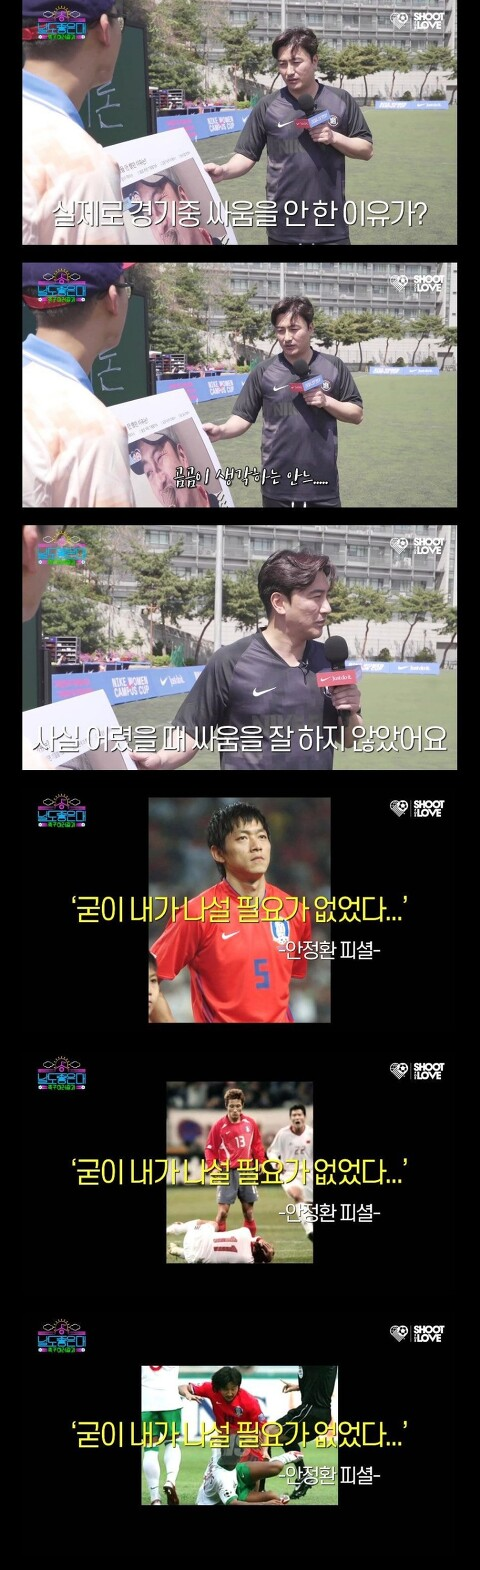 안정환이 국가대표 경기 중 싸움을 안 한 이유